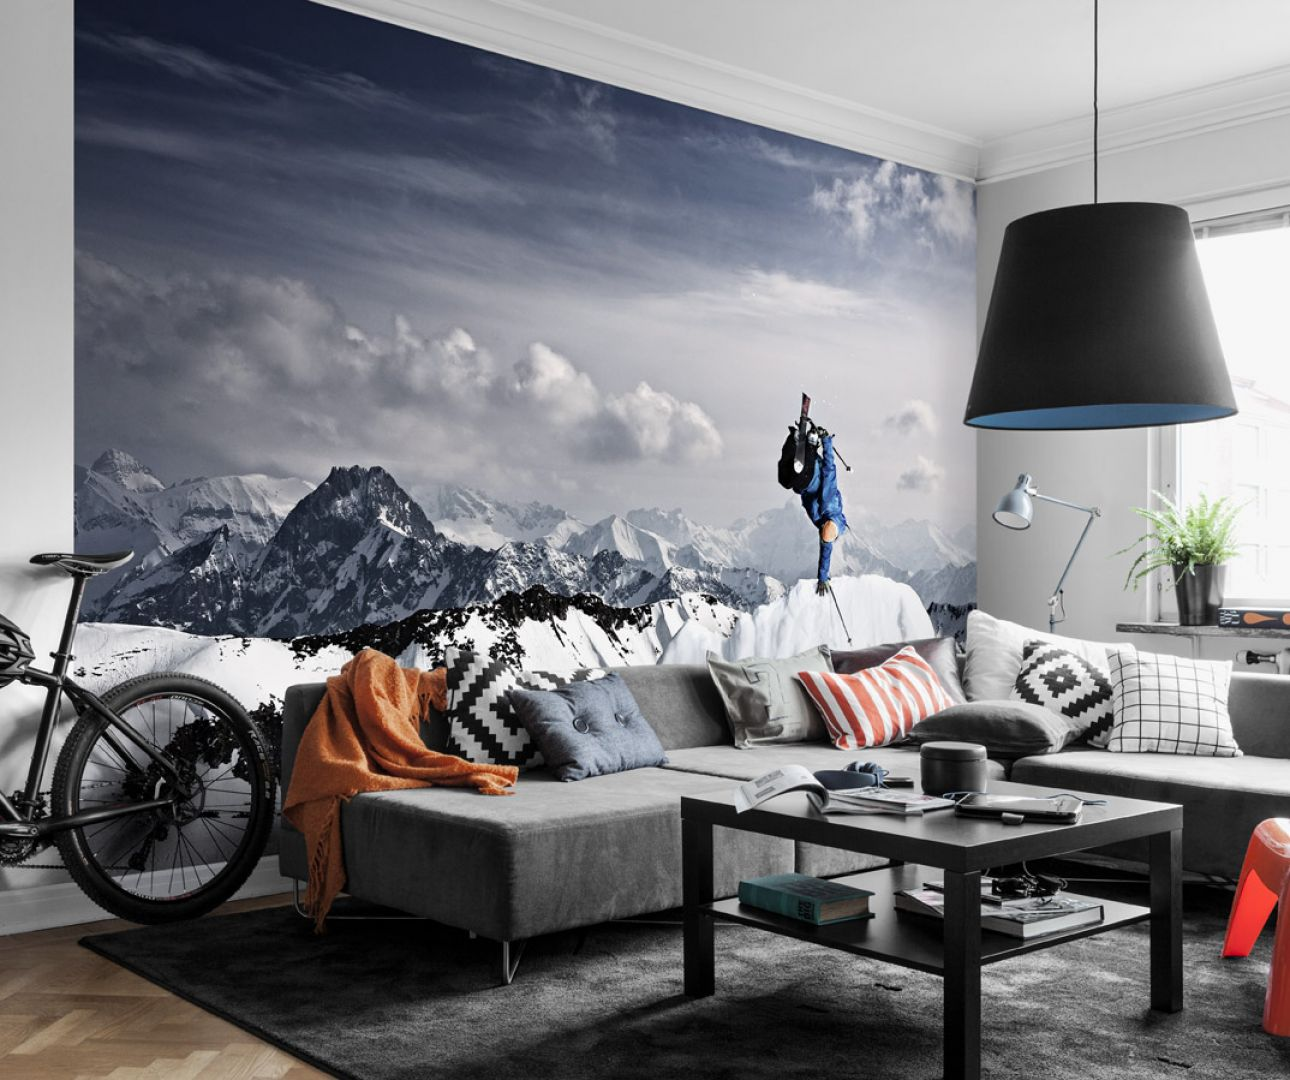 Fototapeta z iluzją głębi - widok dla miłośników górskich wędrówek i nie tylko. Na zdjęciu fototapeta marki Mr Perswall. Fot. Mr Perswall